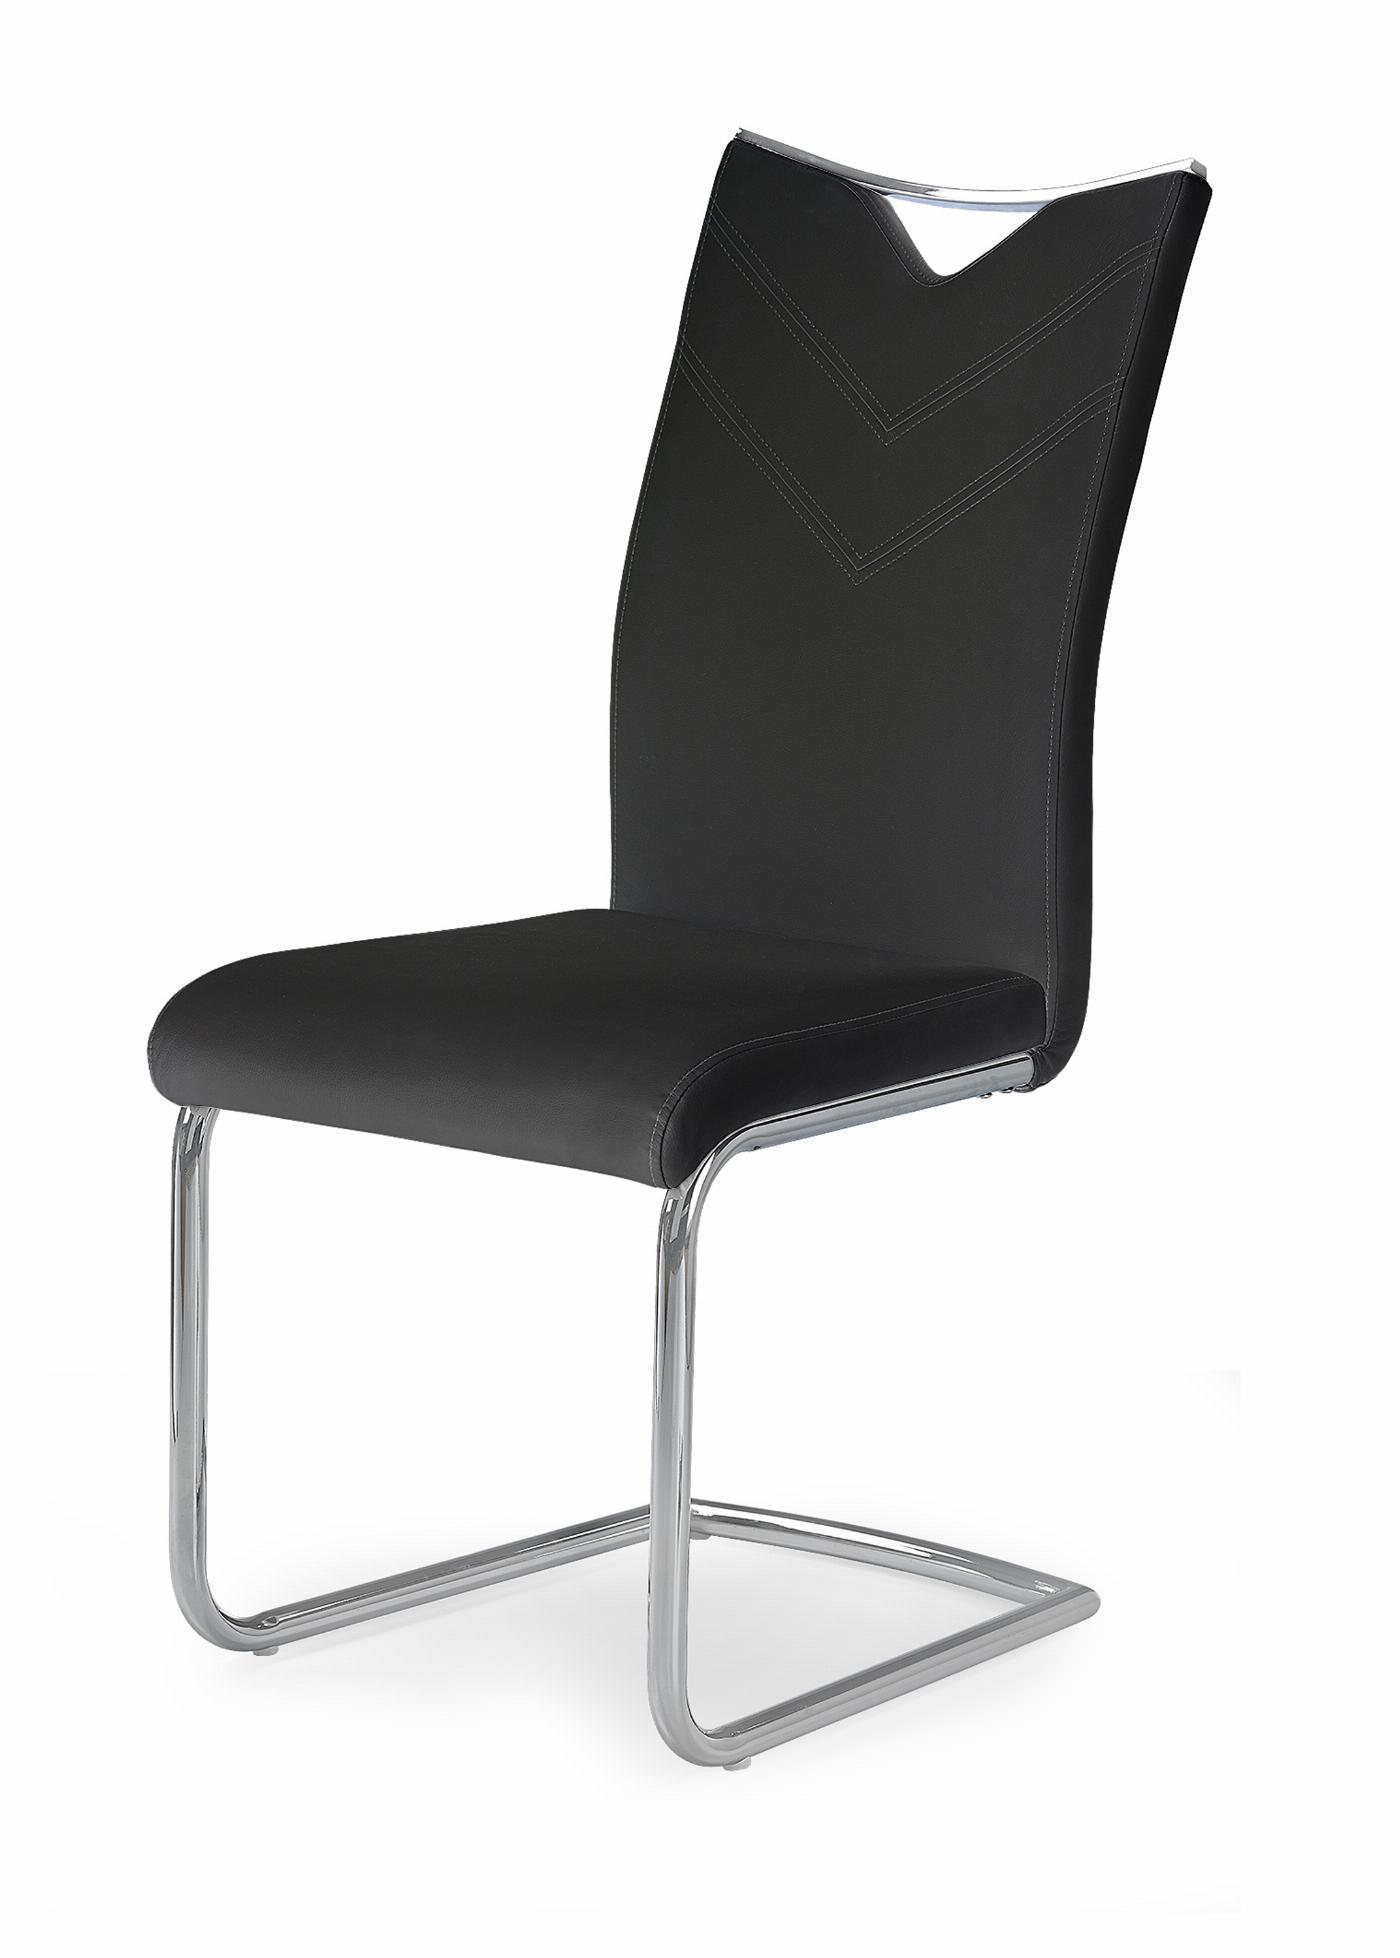 K224 krzesło czarny (1p=4szt)